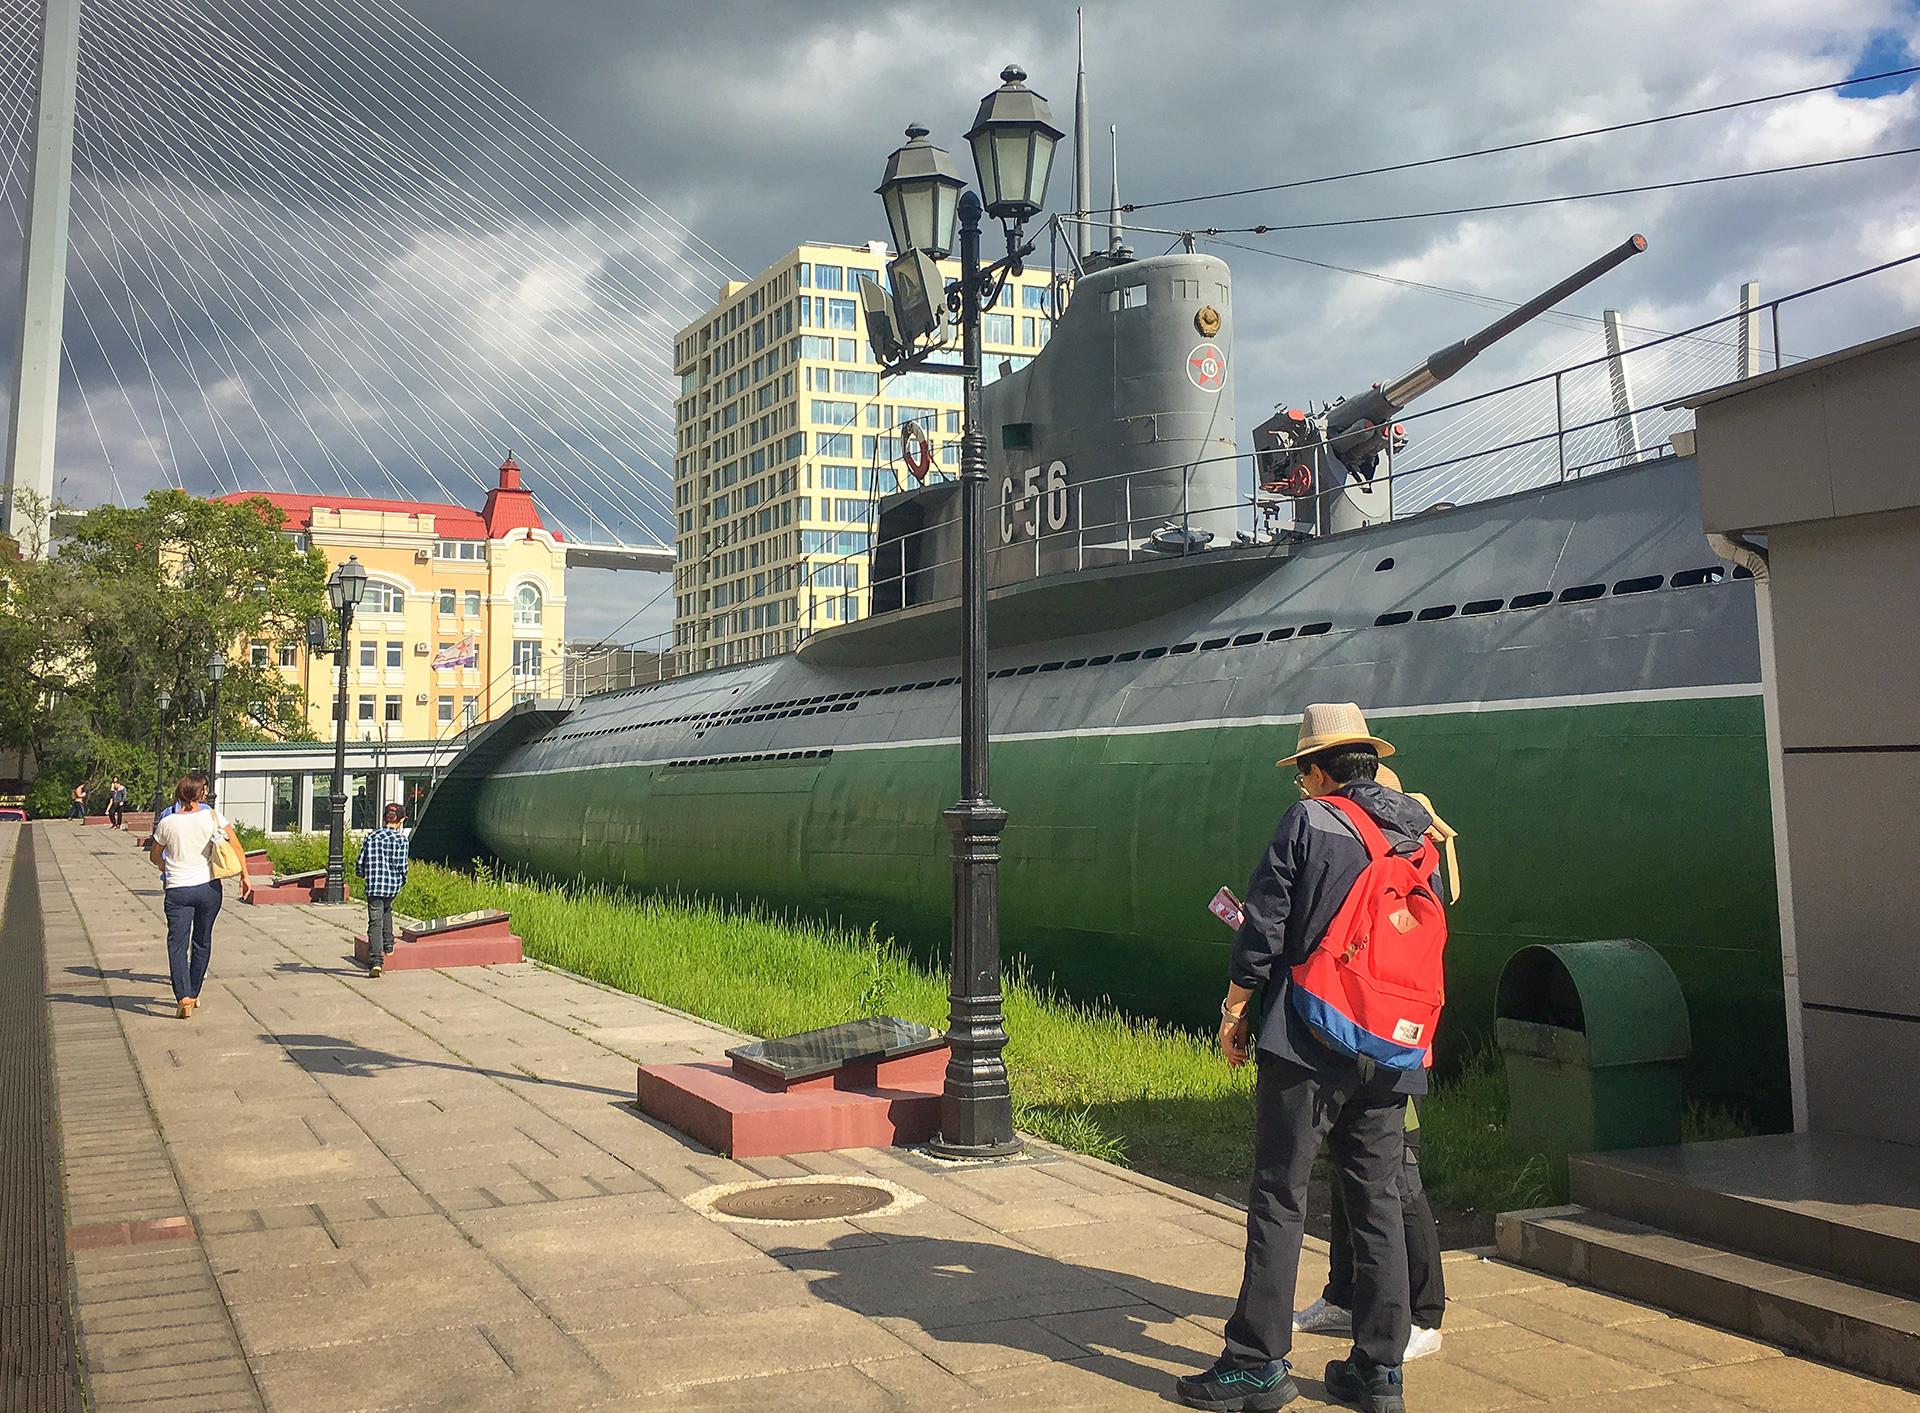 O S-56, submarino da classe Stalinets da Marinha Soviética.